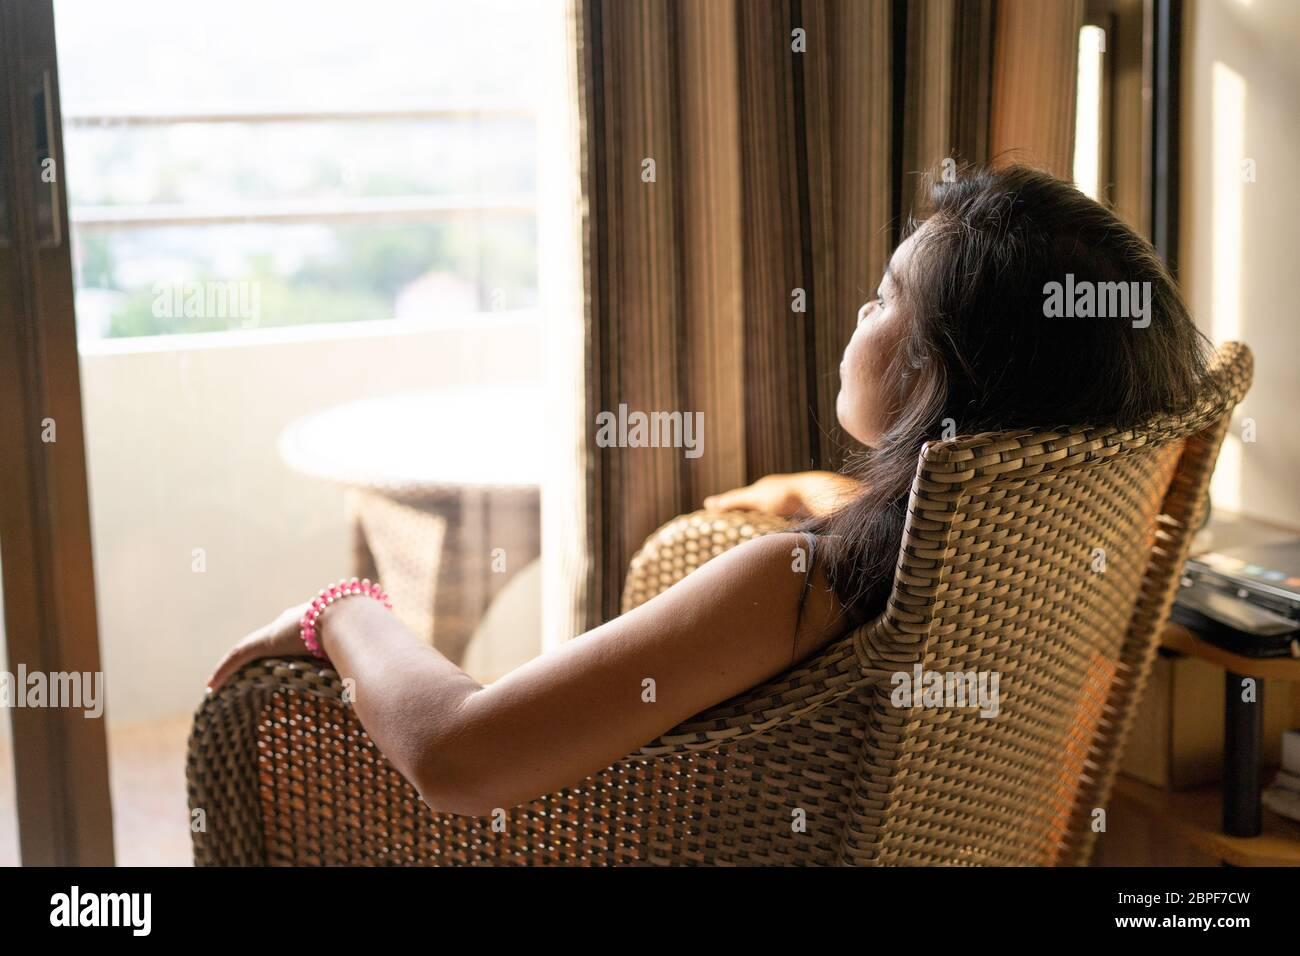 Imagen conceptual de los problemas relacionados con la salud mental.UNA mujer sentada en una silla se mira de una ventana abierta durante un período de cuarentena en la pandemia COVID-19 2020 Foto de stock